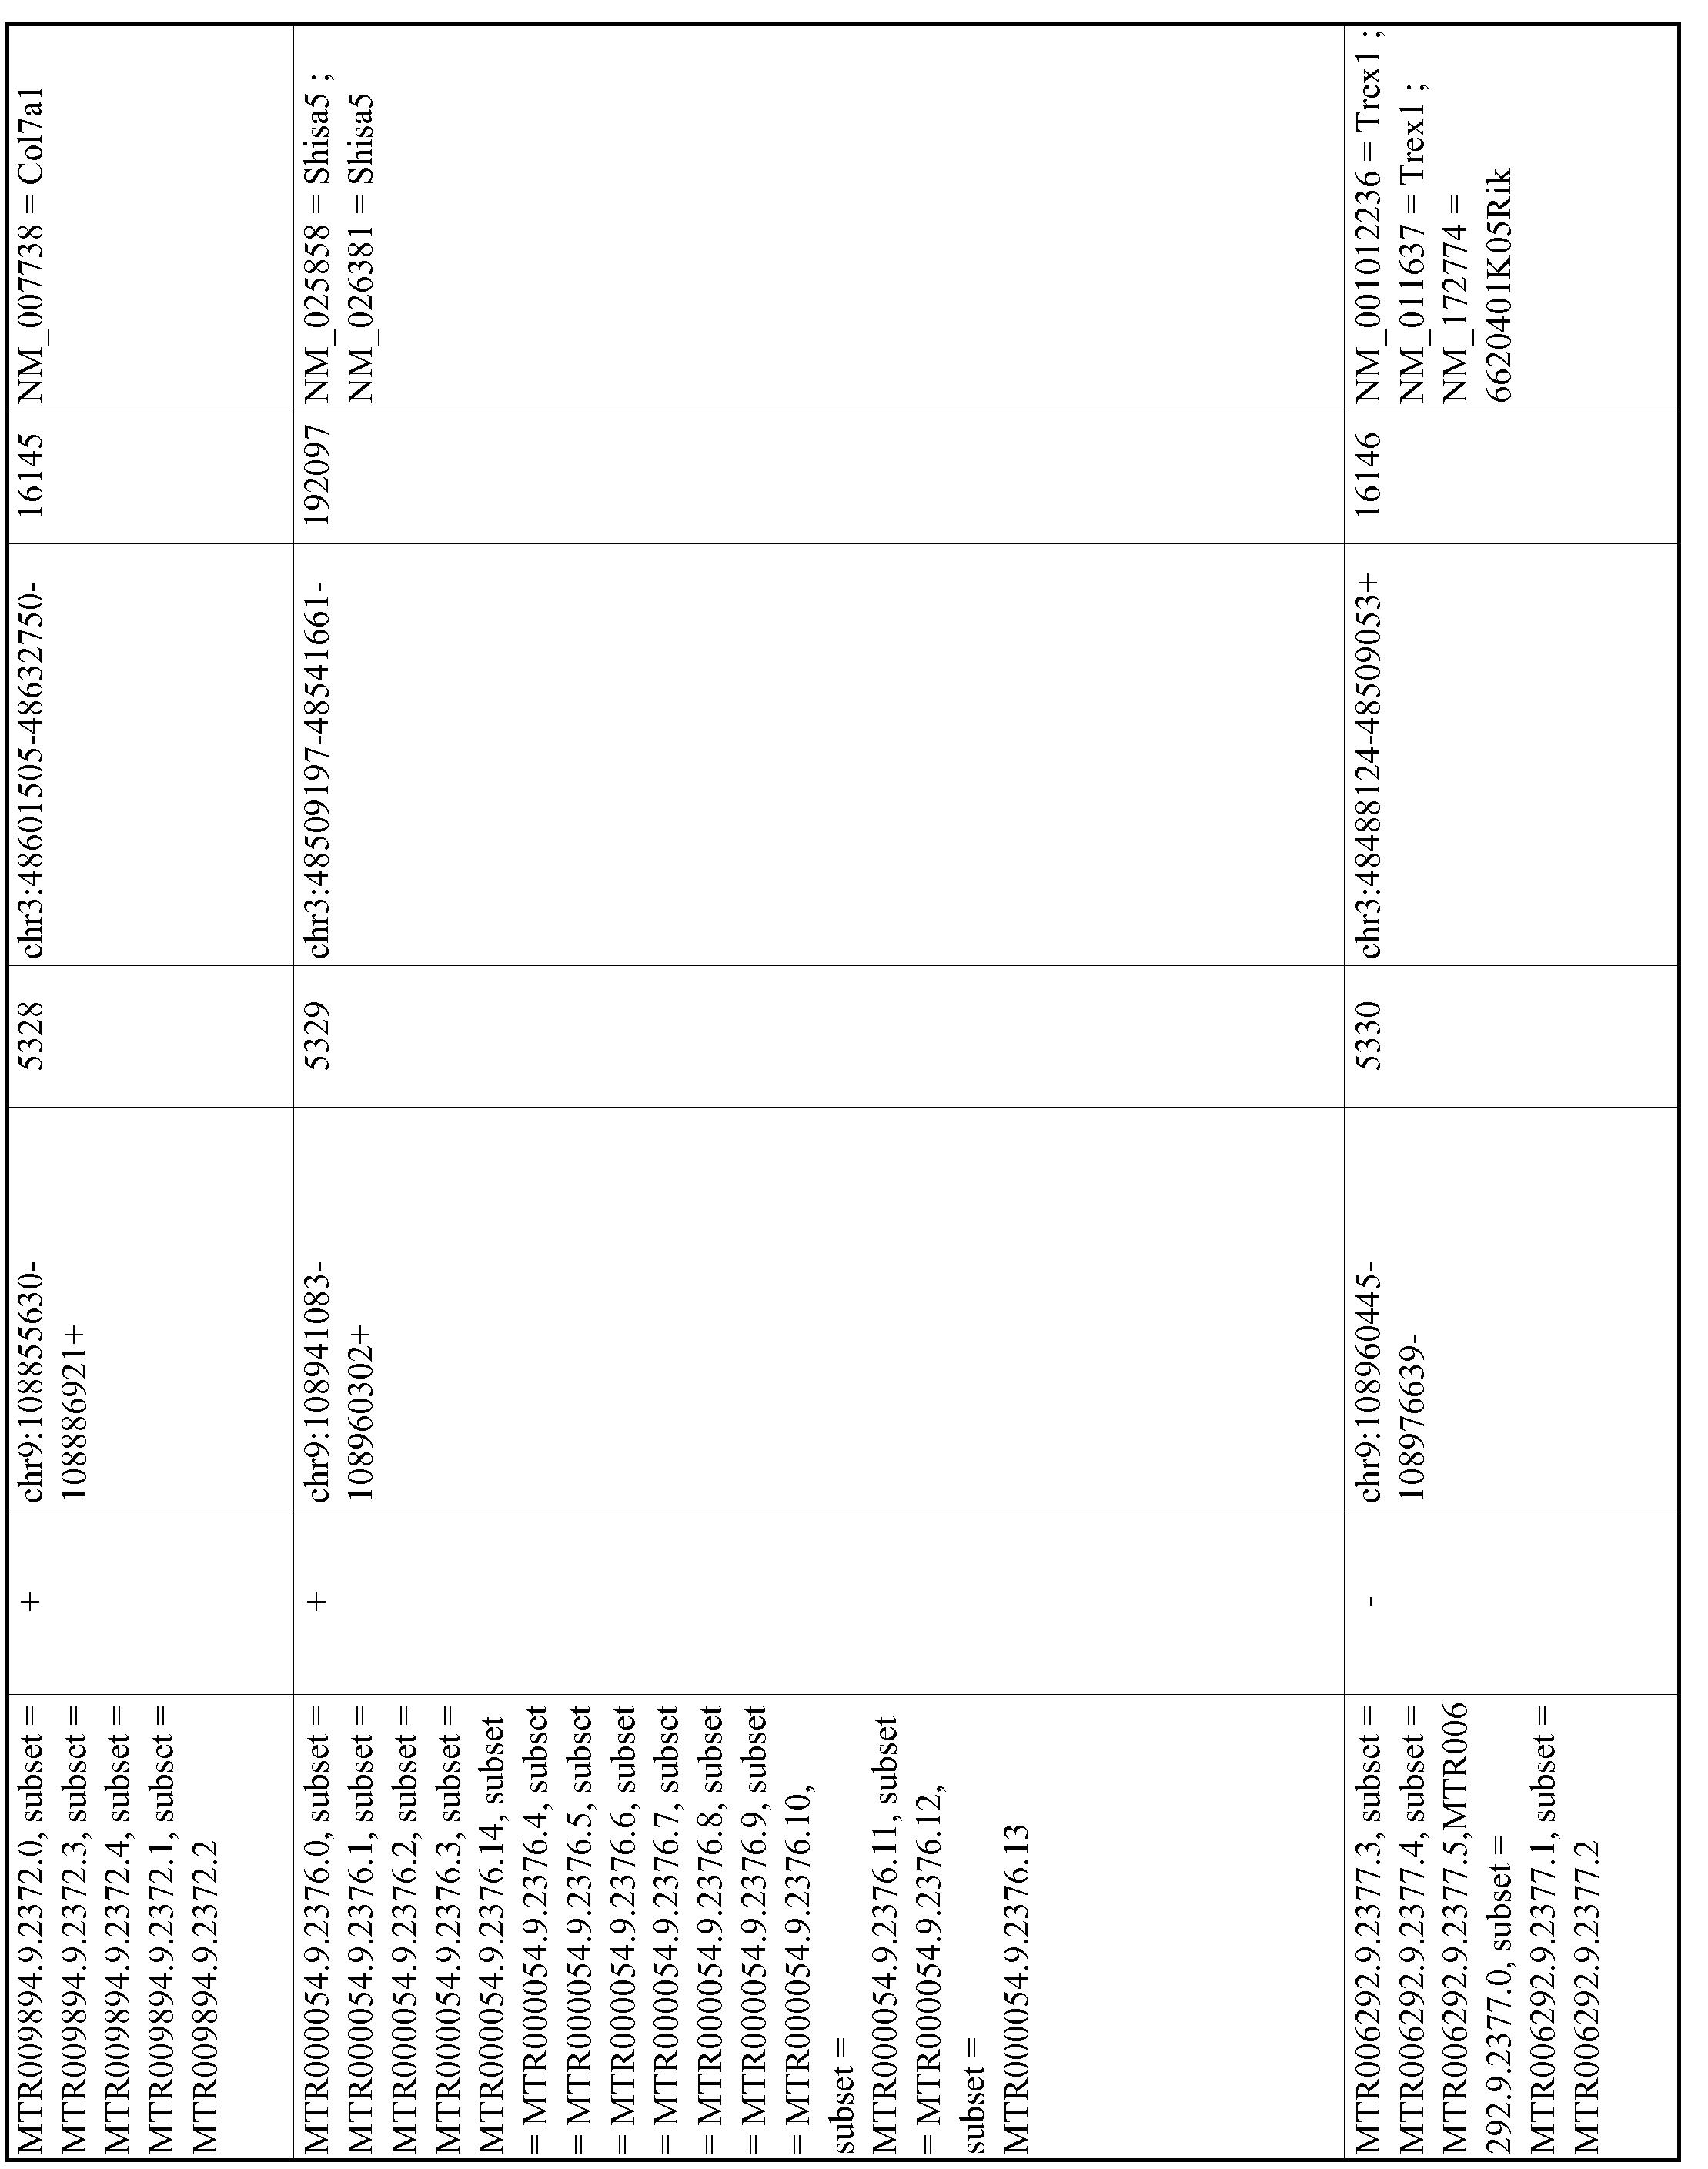 Figure imgf000964_0001